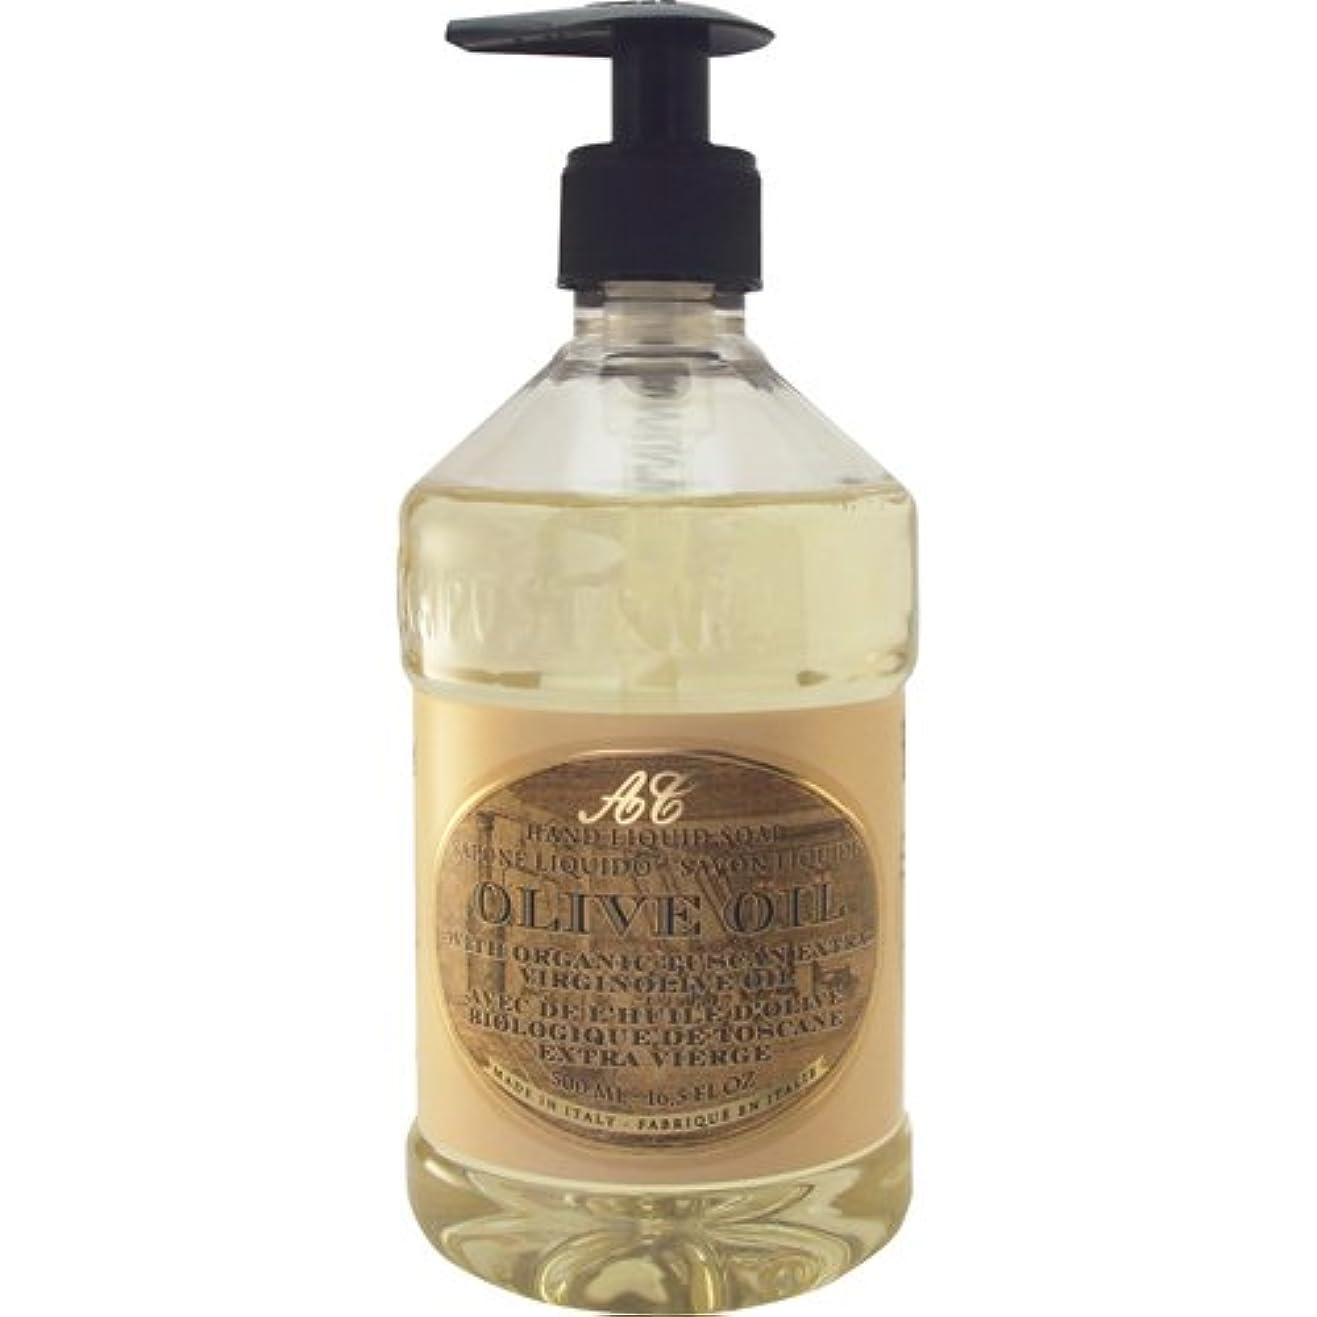 ウール明らかにするマイナスSaponerire Fissi レトロシリーズ Liquid Soap リキッドソープ 500ml Olive Oil オリーブオイル